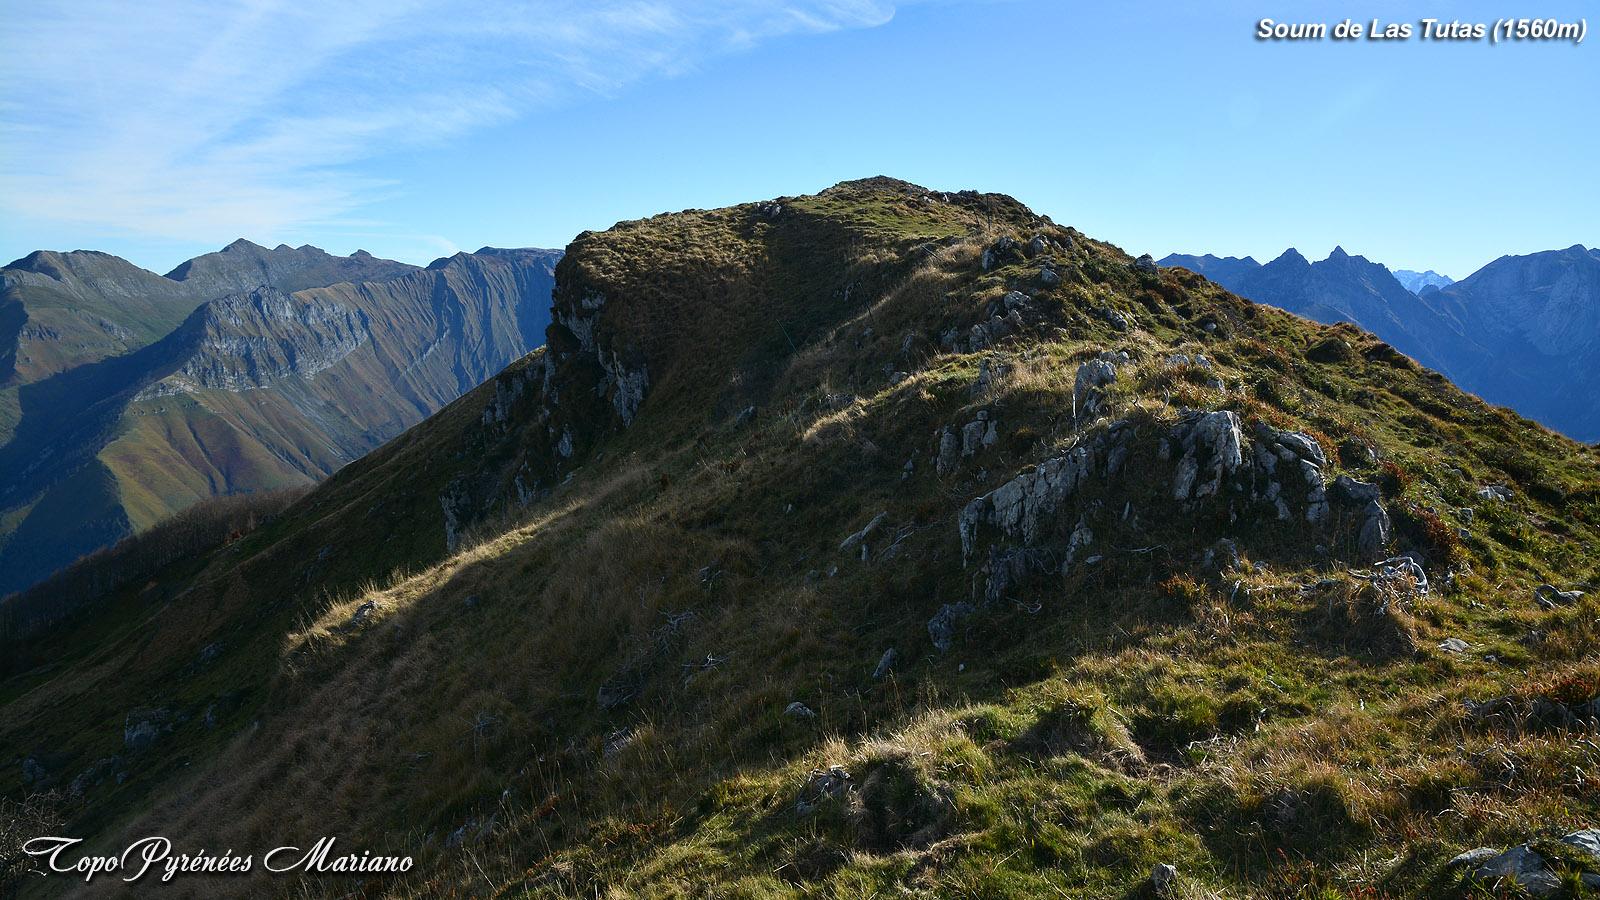 Randonnée Soum de las Tutas (1560m) en boucle par le layens (1625m)